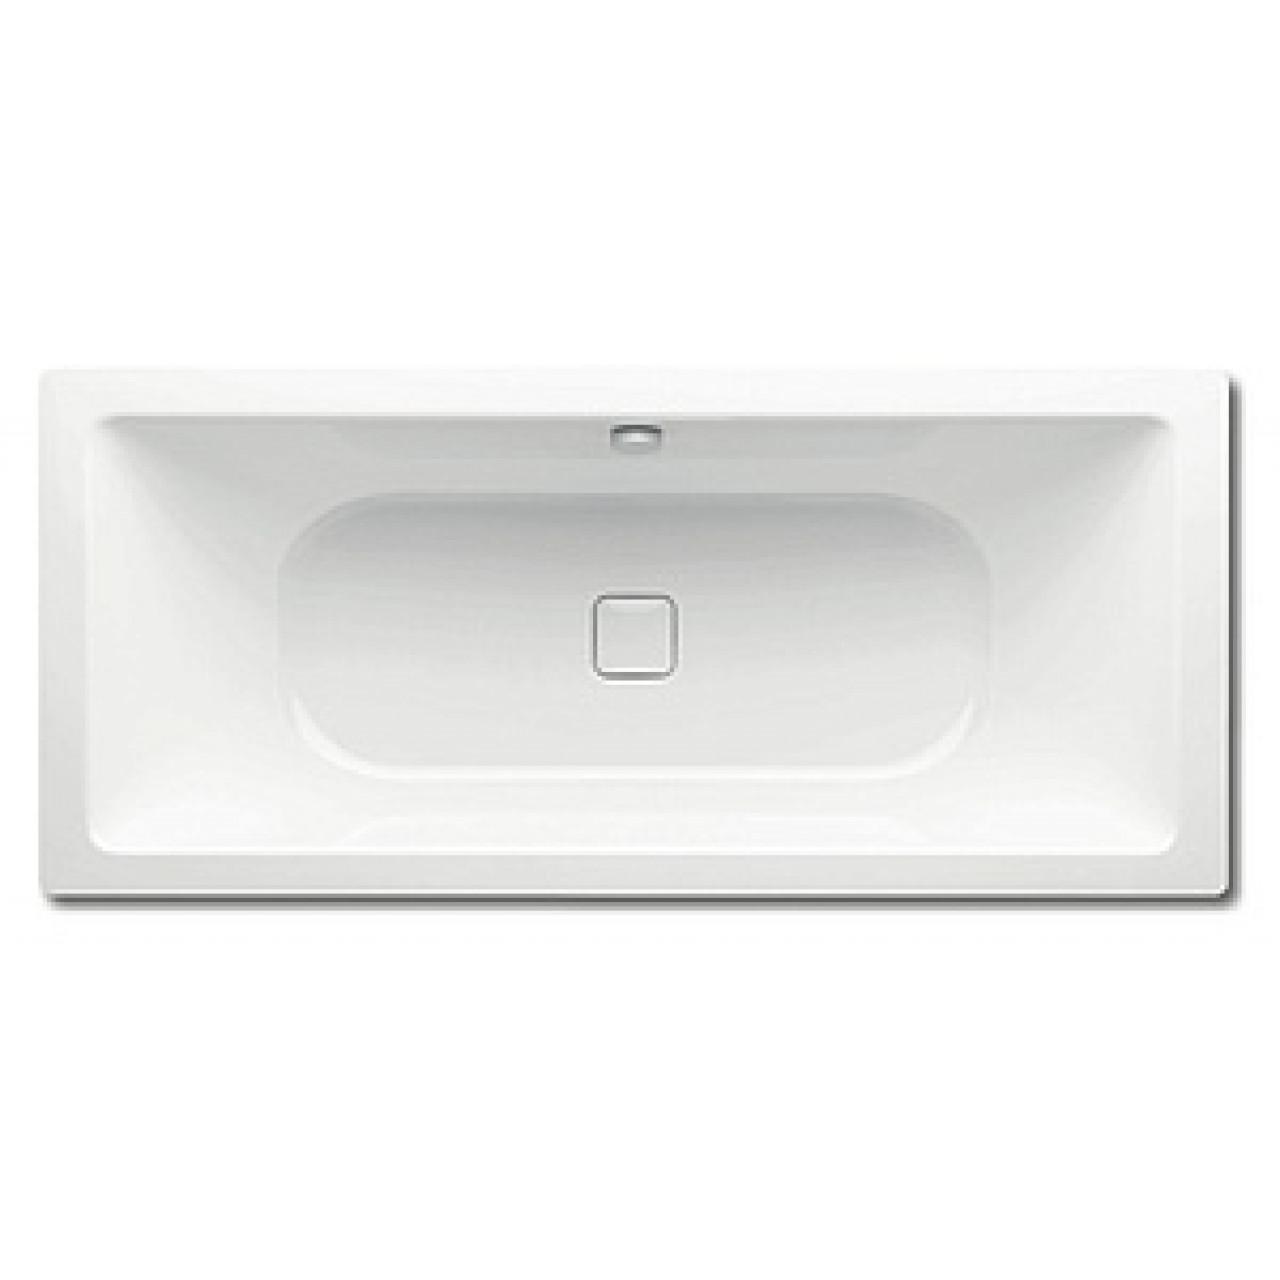 Стальная ванна Kaldewei Conoduo 734 купить в Москве по цене от 114900р. в интернет-магазине mebel-v-vannu.ru